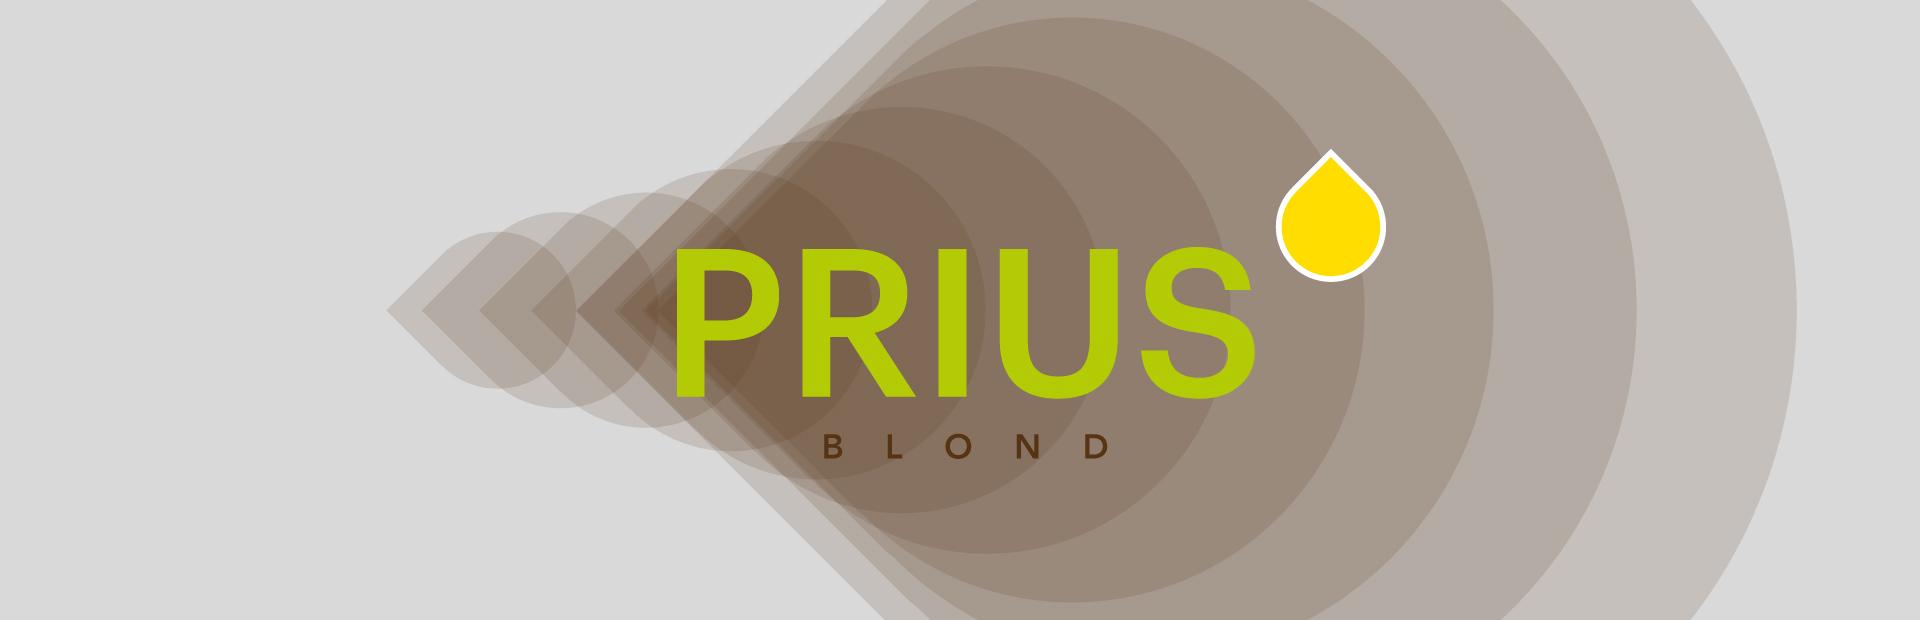 Prius, etichetta